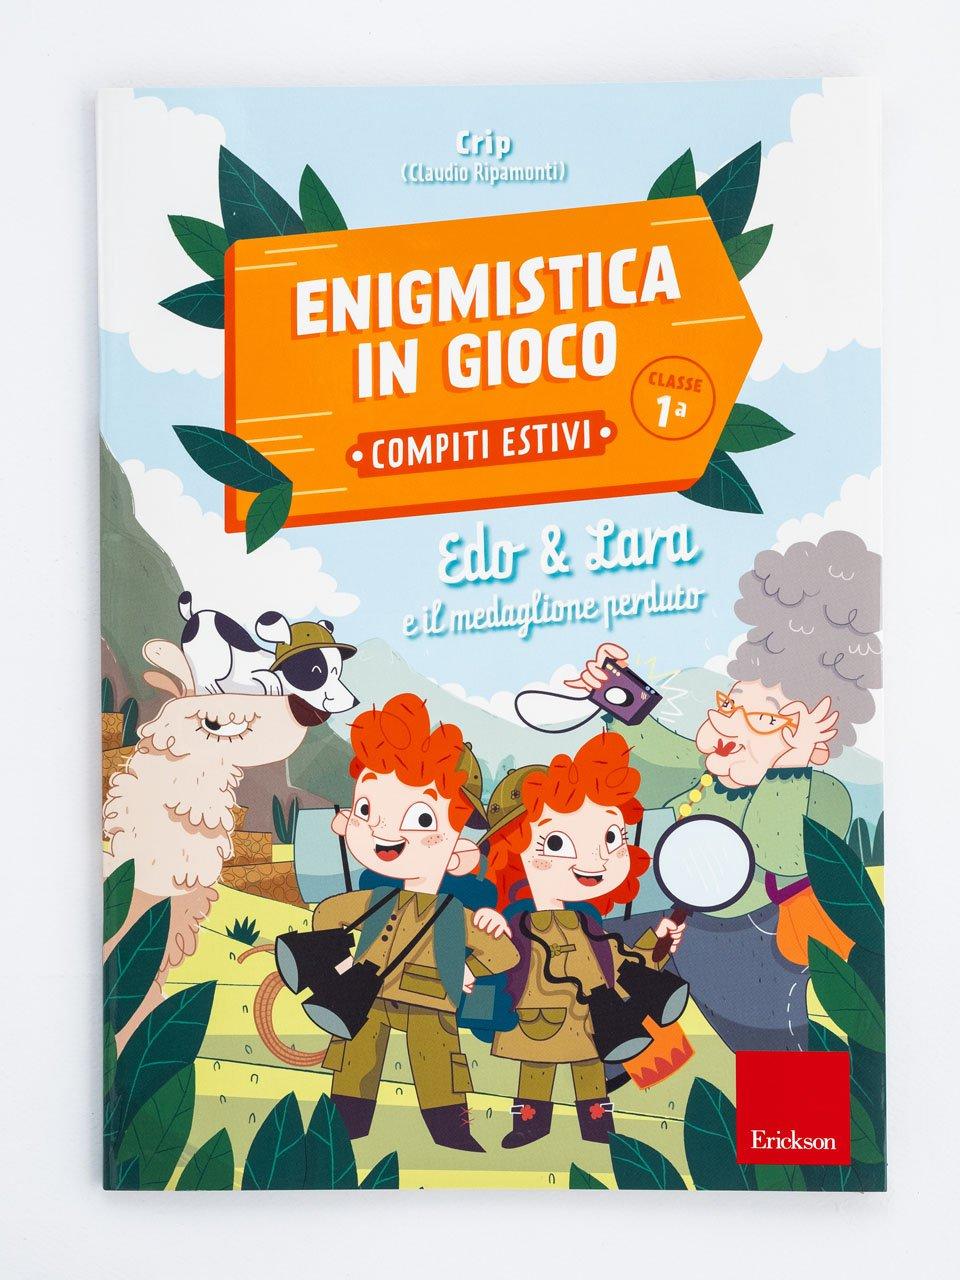 Enigmistica in gioco -  Compiti estivi - Classe prima - Enigmistica in gioco -  Compiti estivi - Classe qu - Libri - Erickson